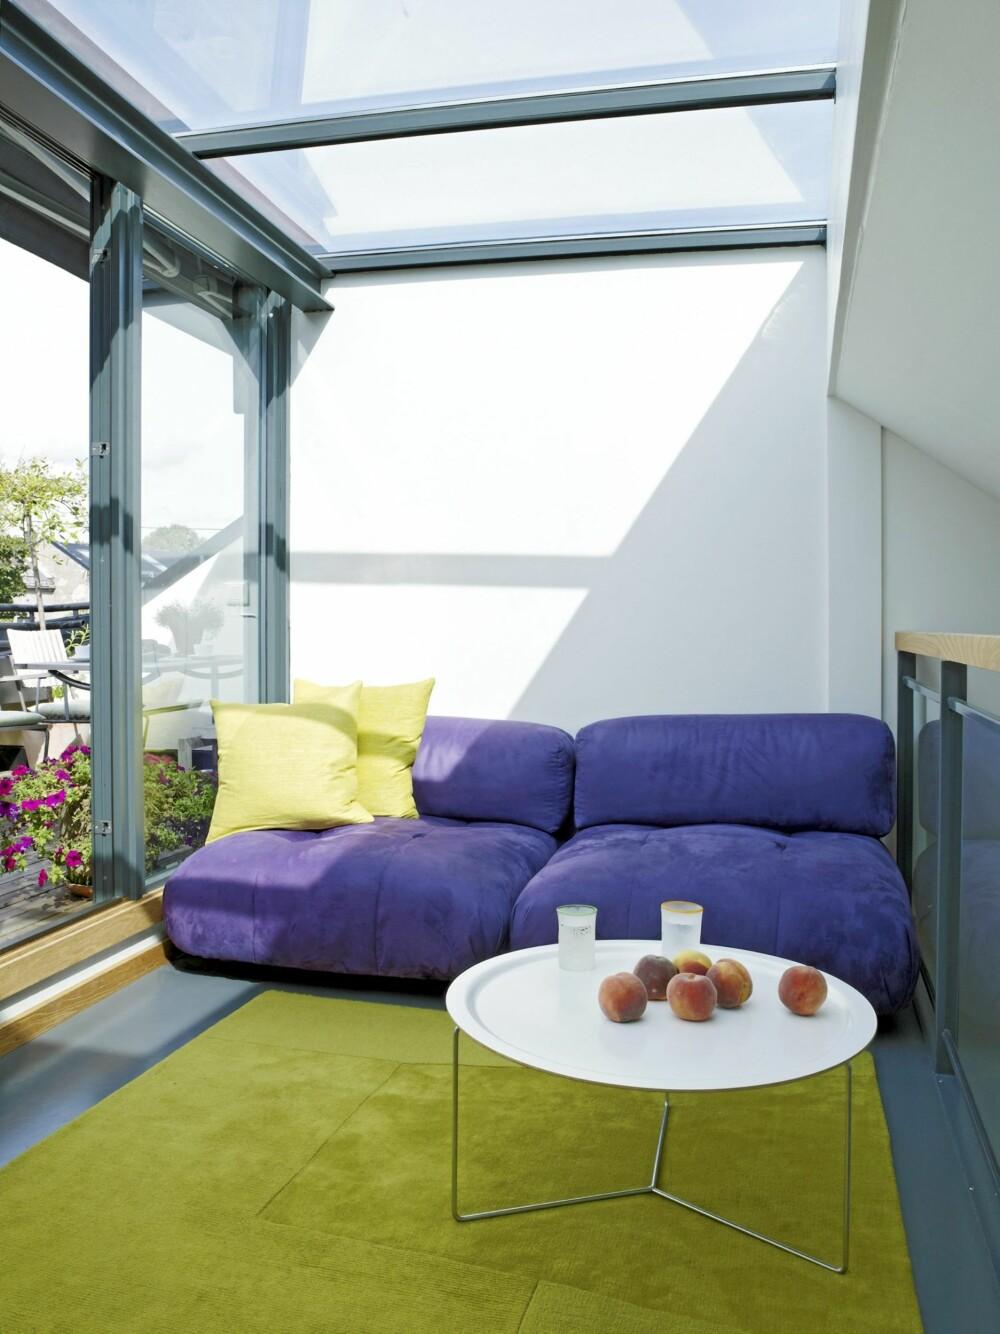 30 ÅR GAMMEL SOFA: Den italienske sofaen på messaninen er 30 år og lever videre med nytt trekk. Bordet fra David Design består av understell med en avtagbar plate som også kan brukes som fat.